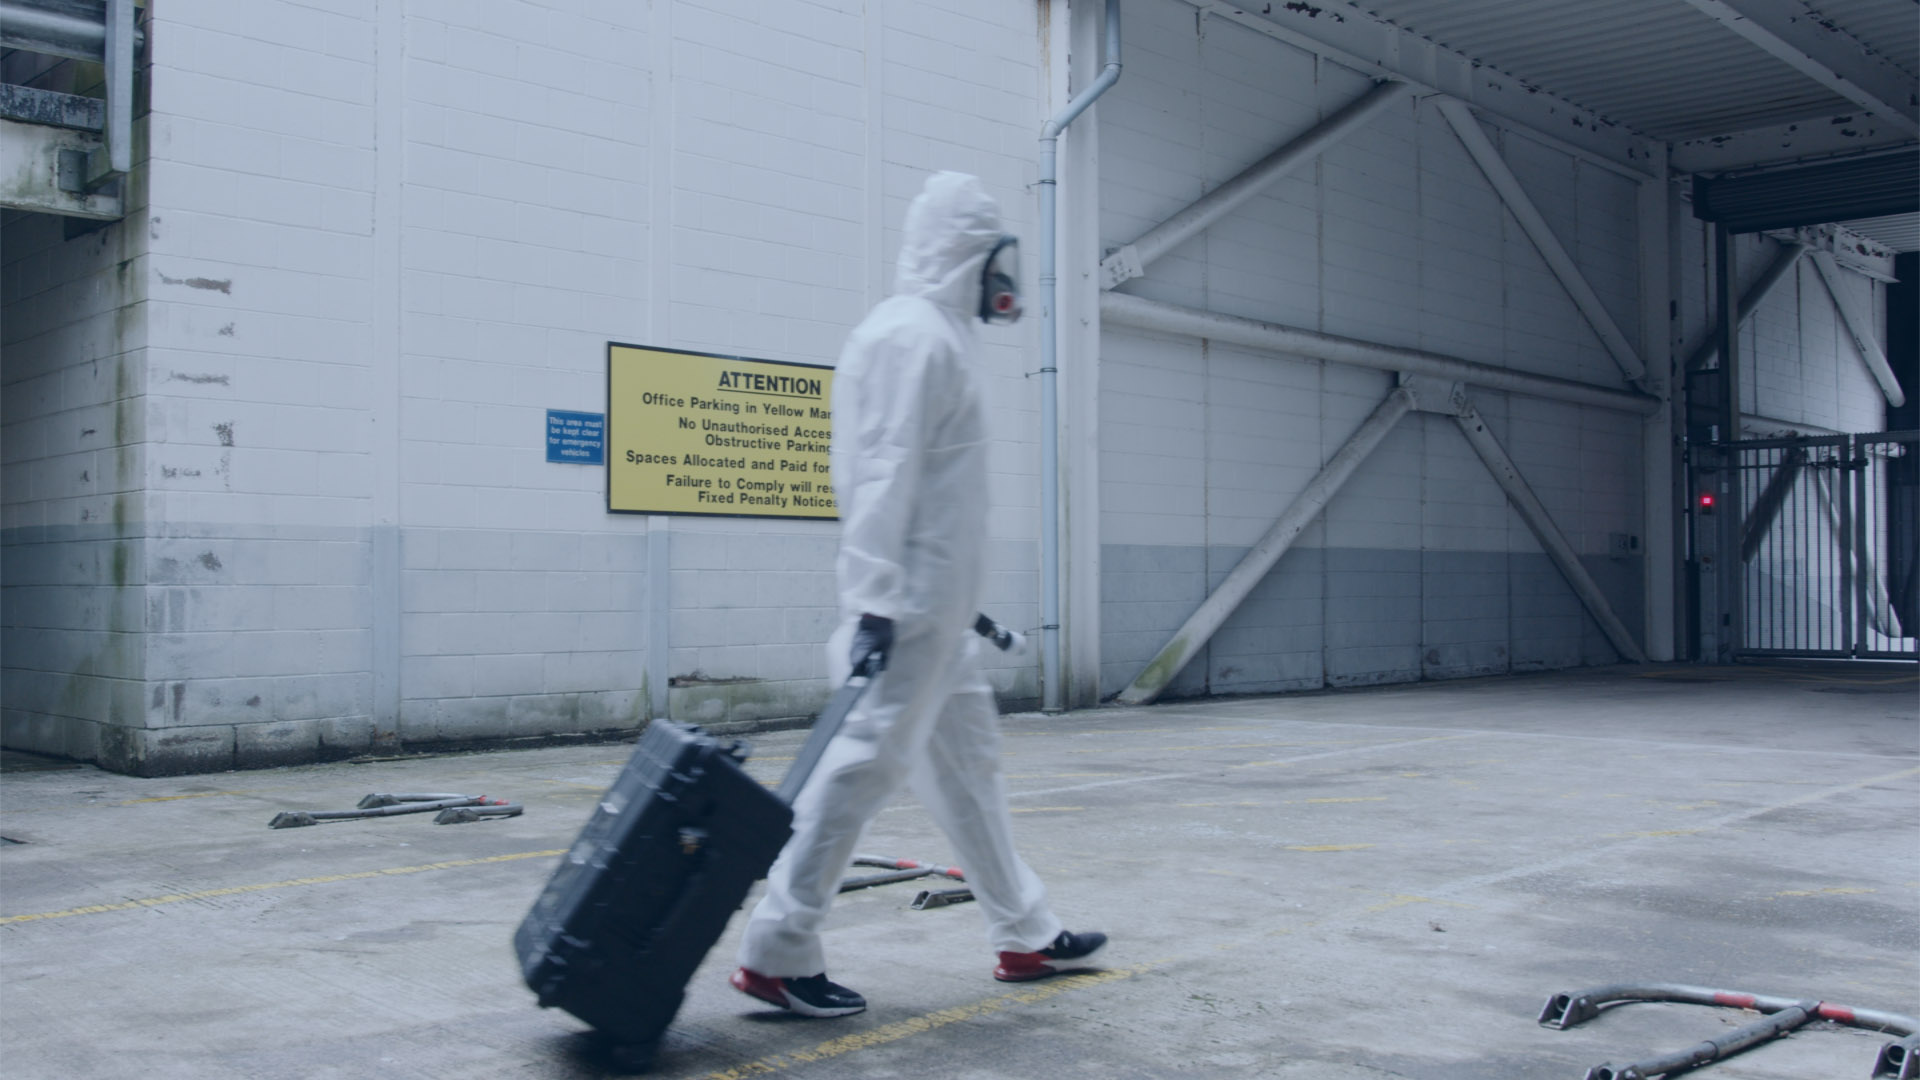 Man in hazmat suit walking through an industrial building